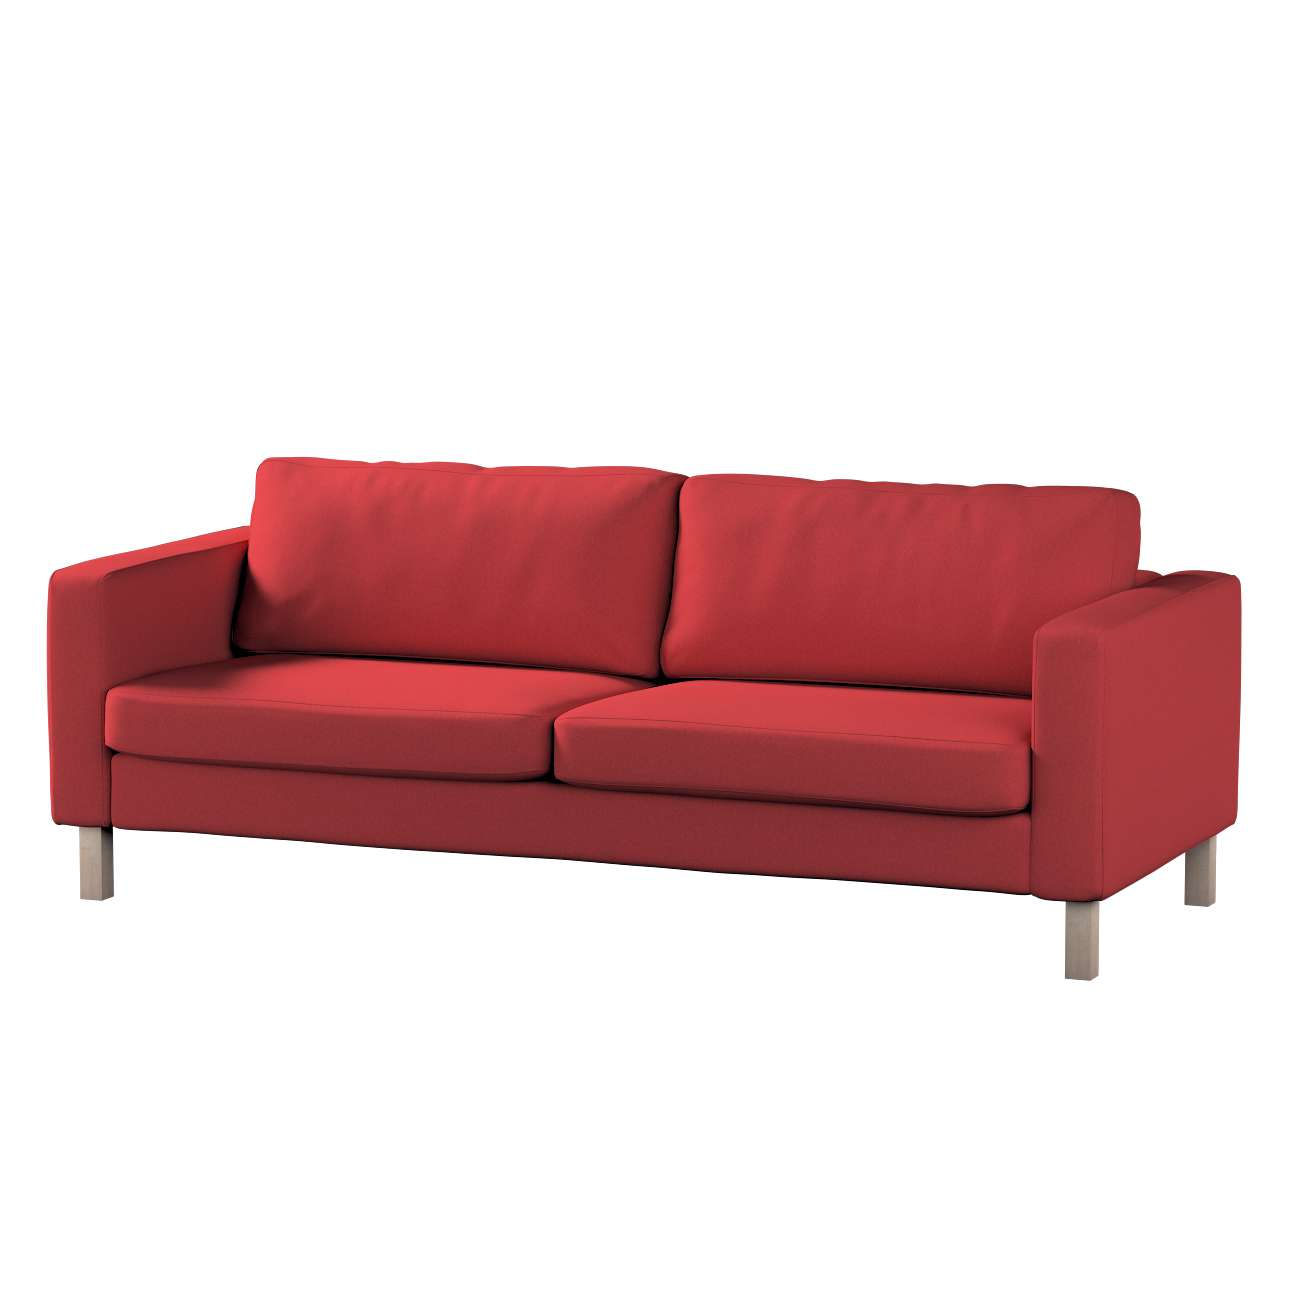 Pokrowiec na sofę Karlstad rozkładaną w kolekcji Living, tkanina: 161-56